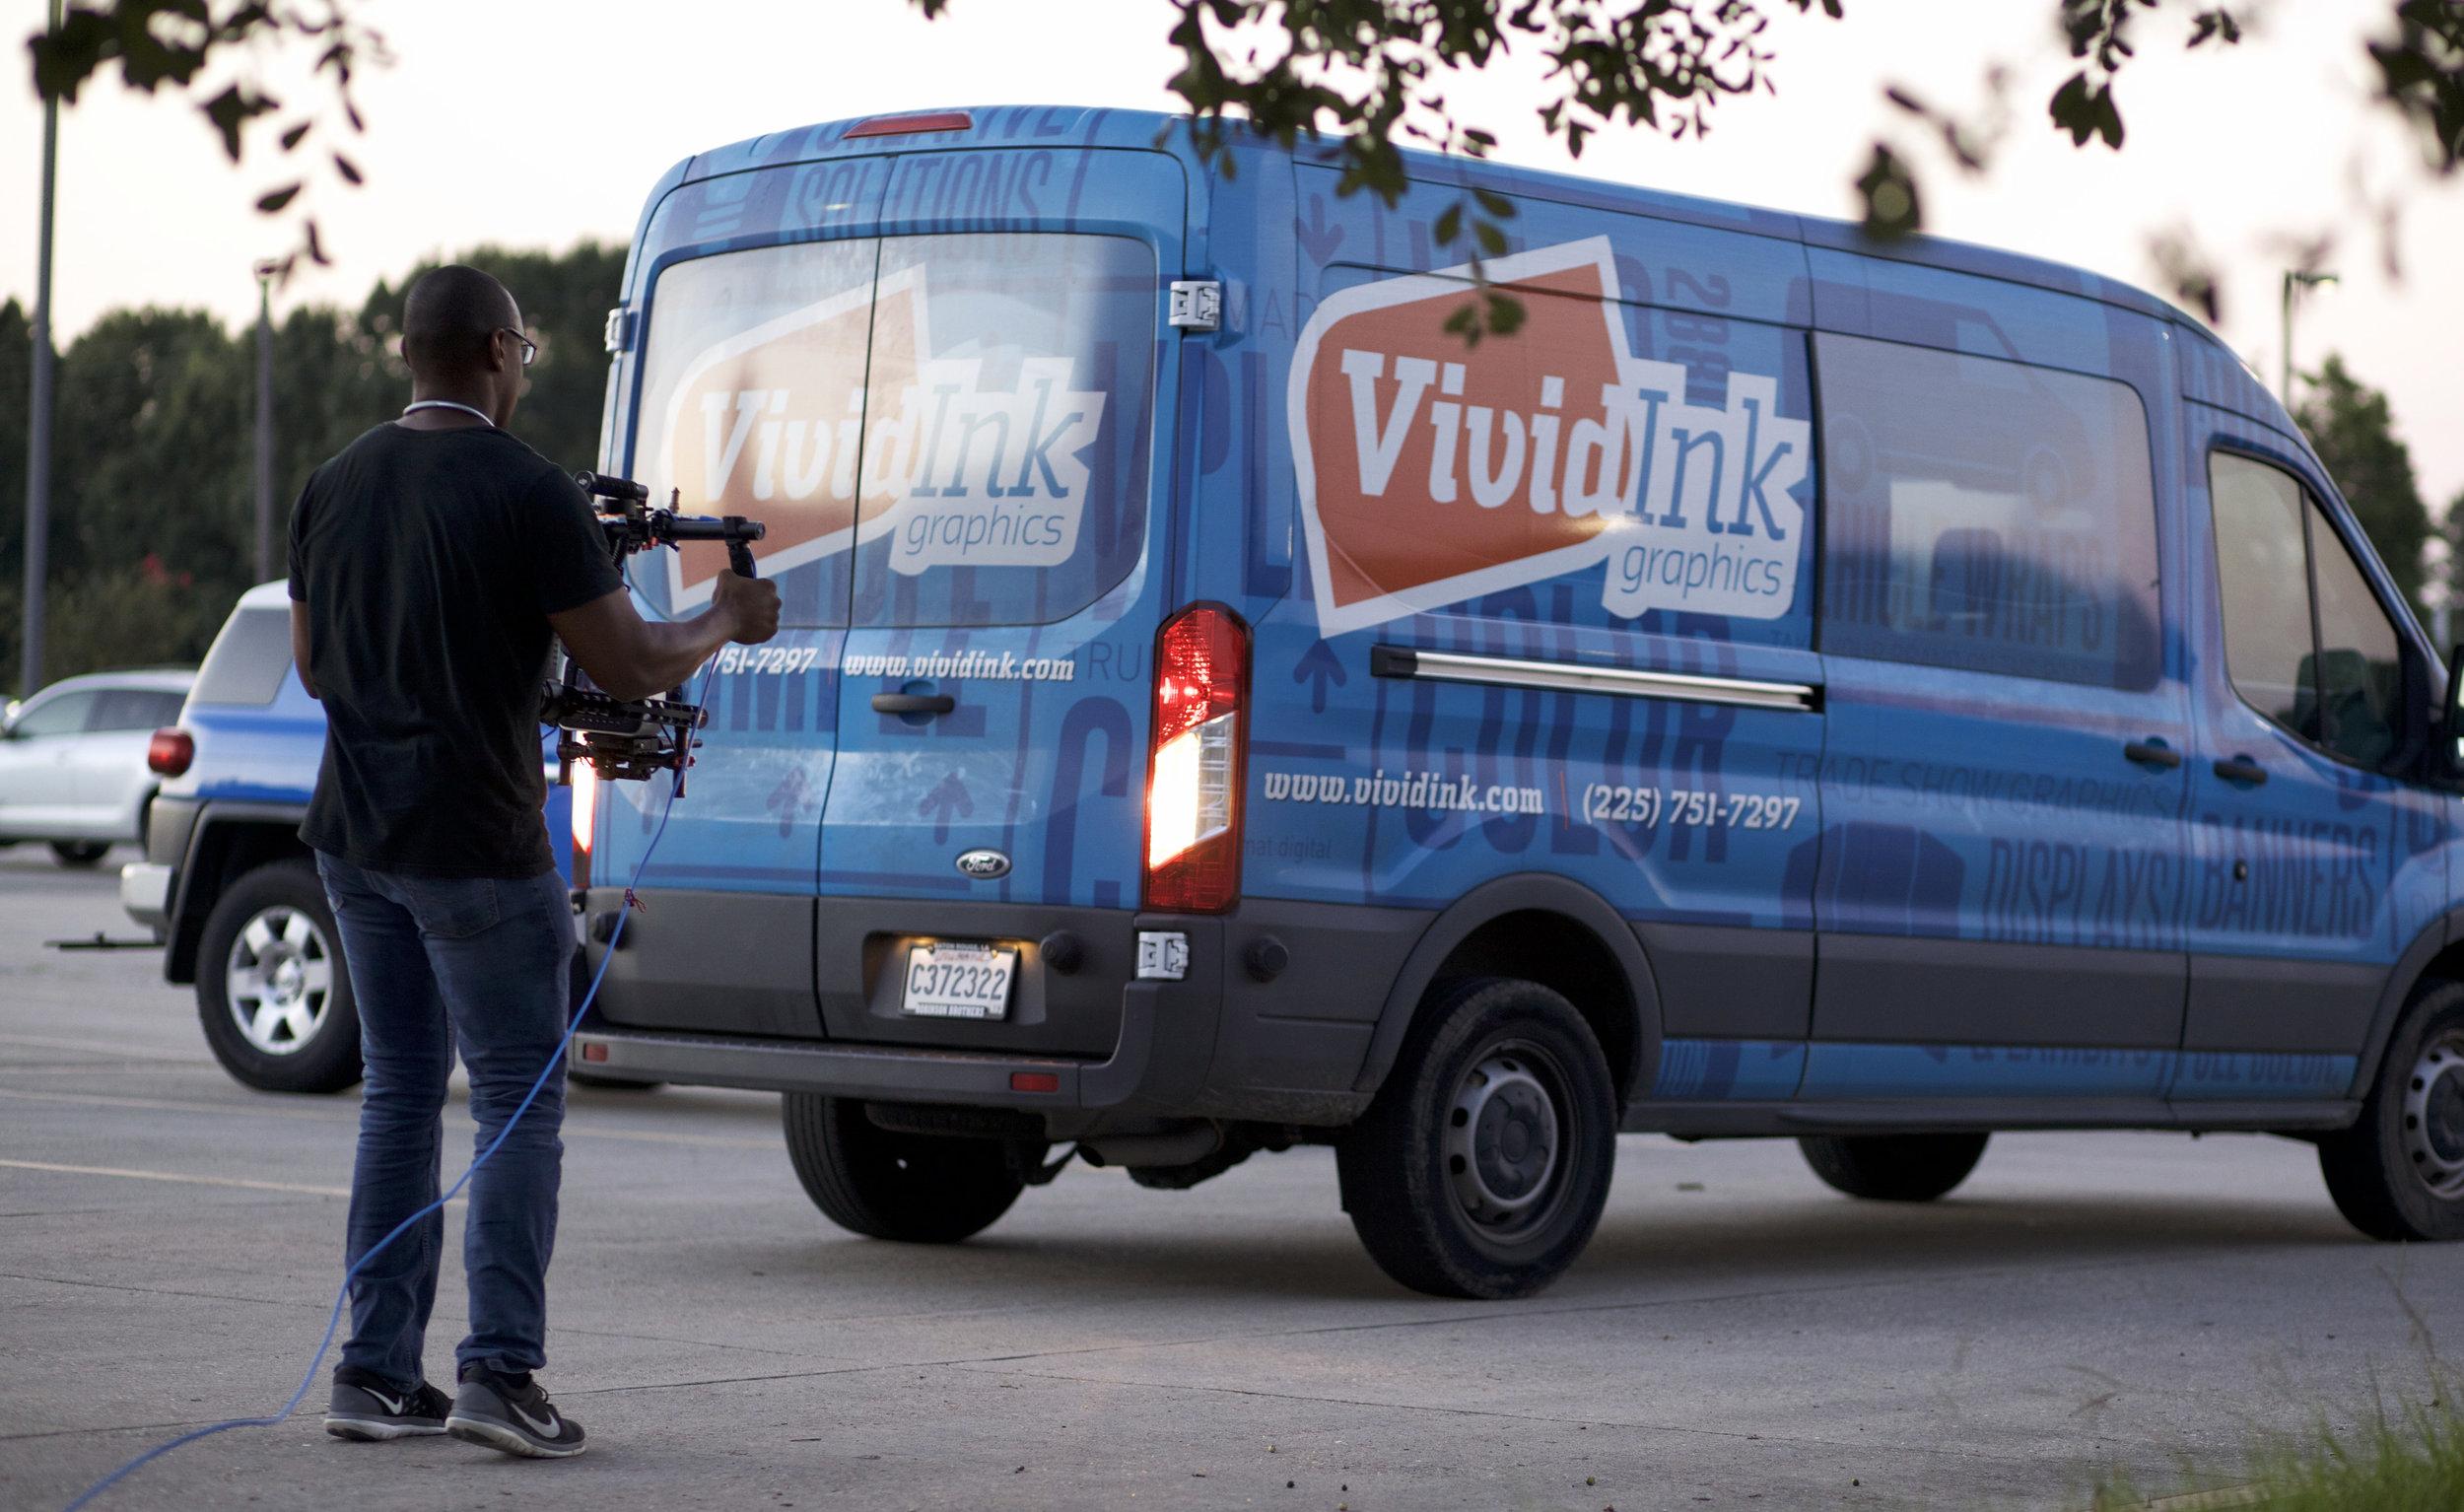 Vivid Ink Van Photo